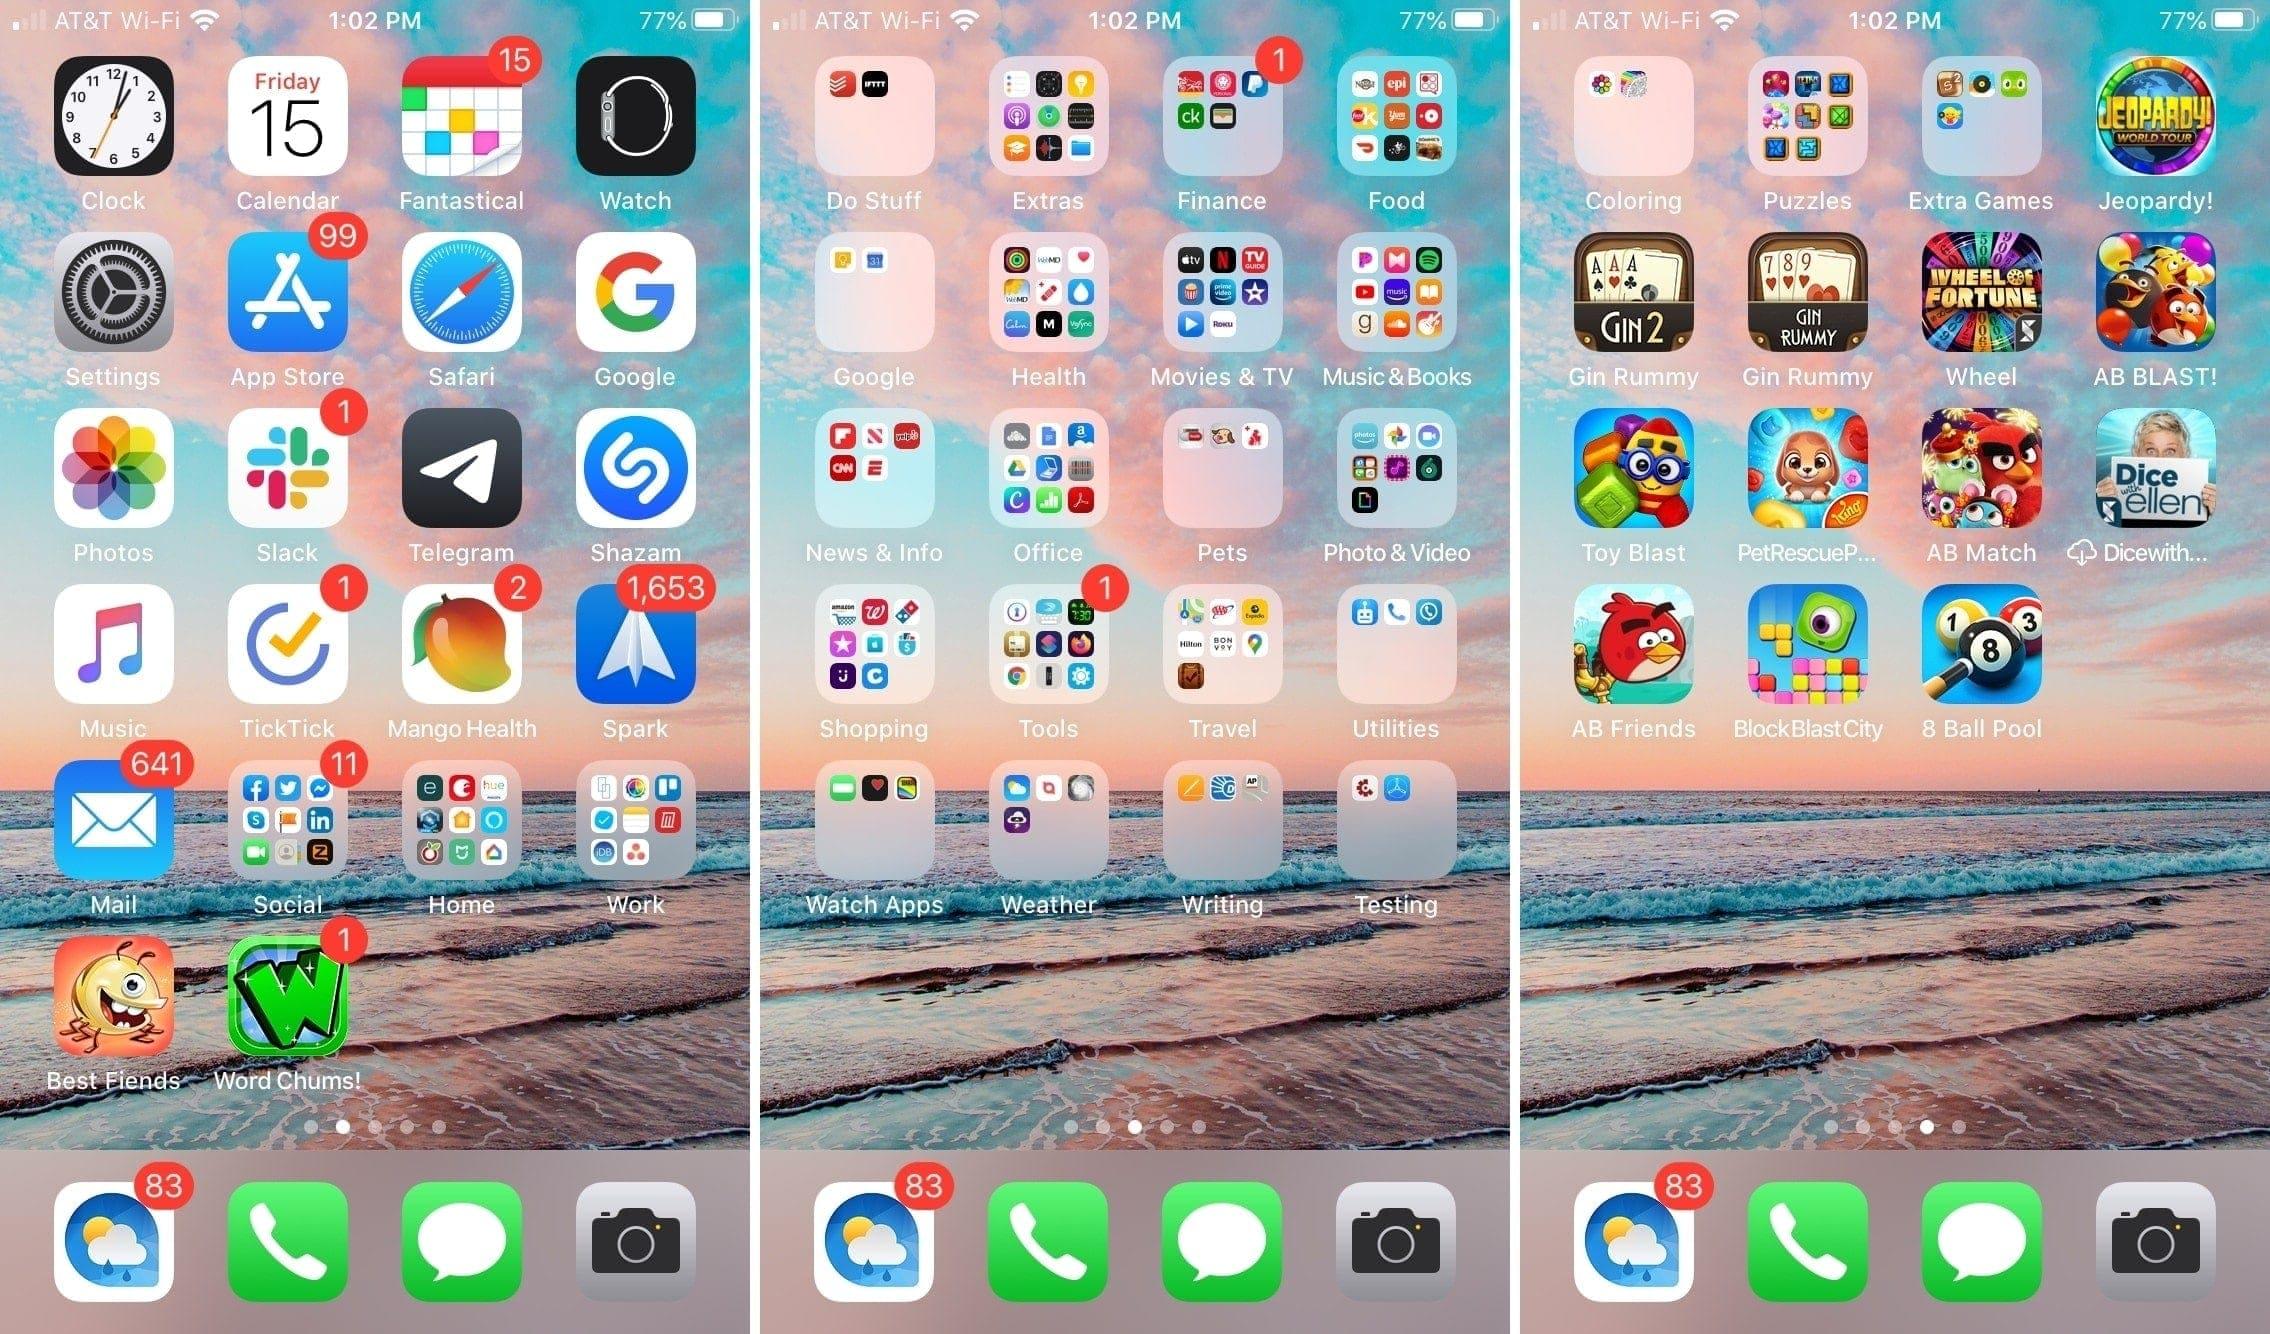 iPhone Home Screen Mixture of Methods